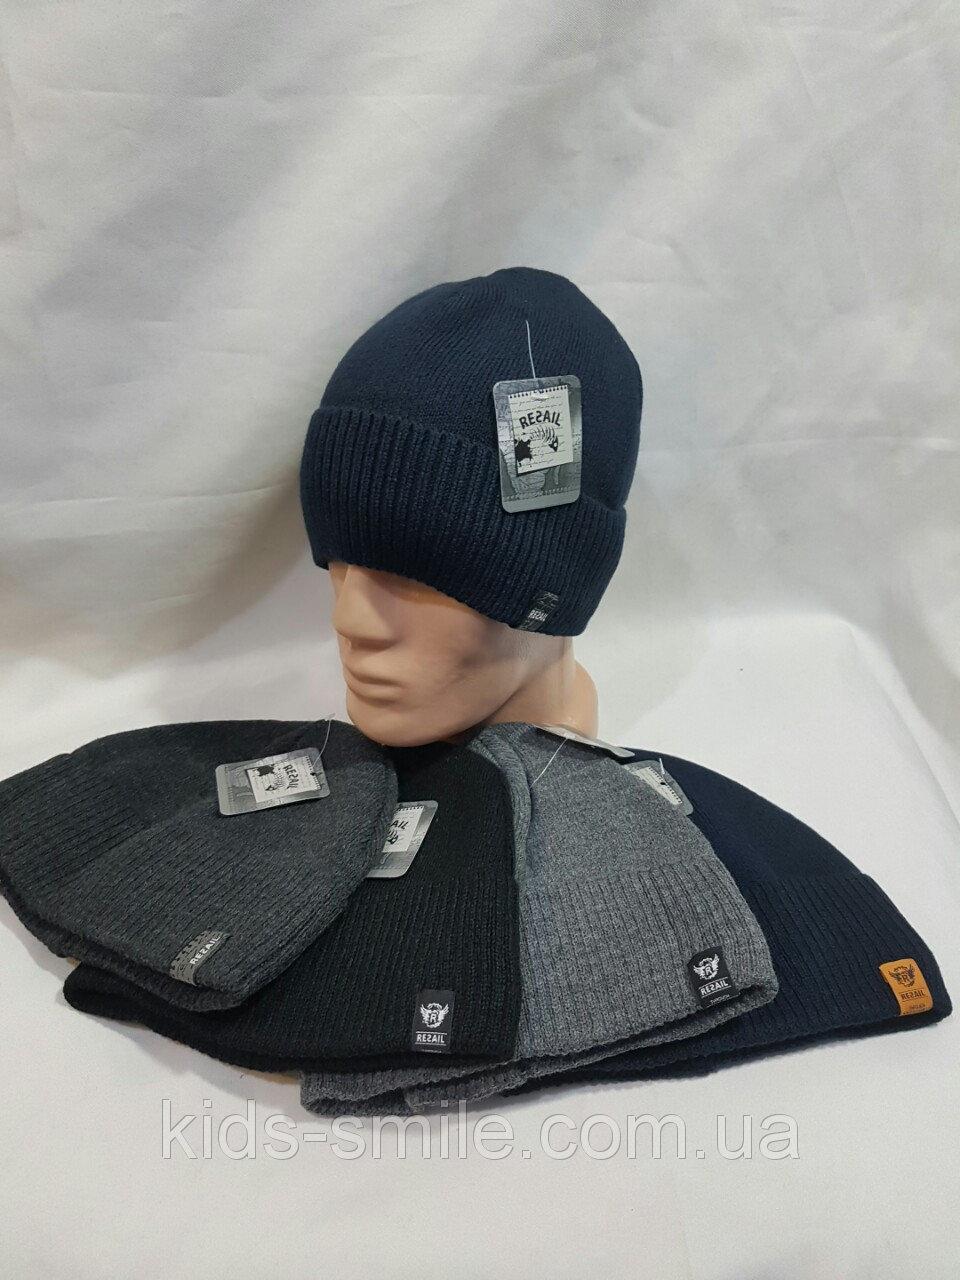 Чоловіча в'язана шапка кольори чорний,світло та темно сірий розмір 55-57